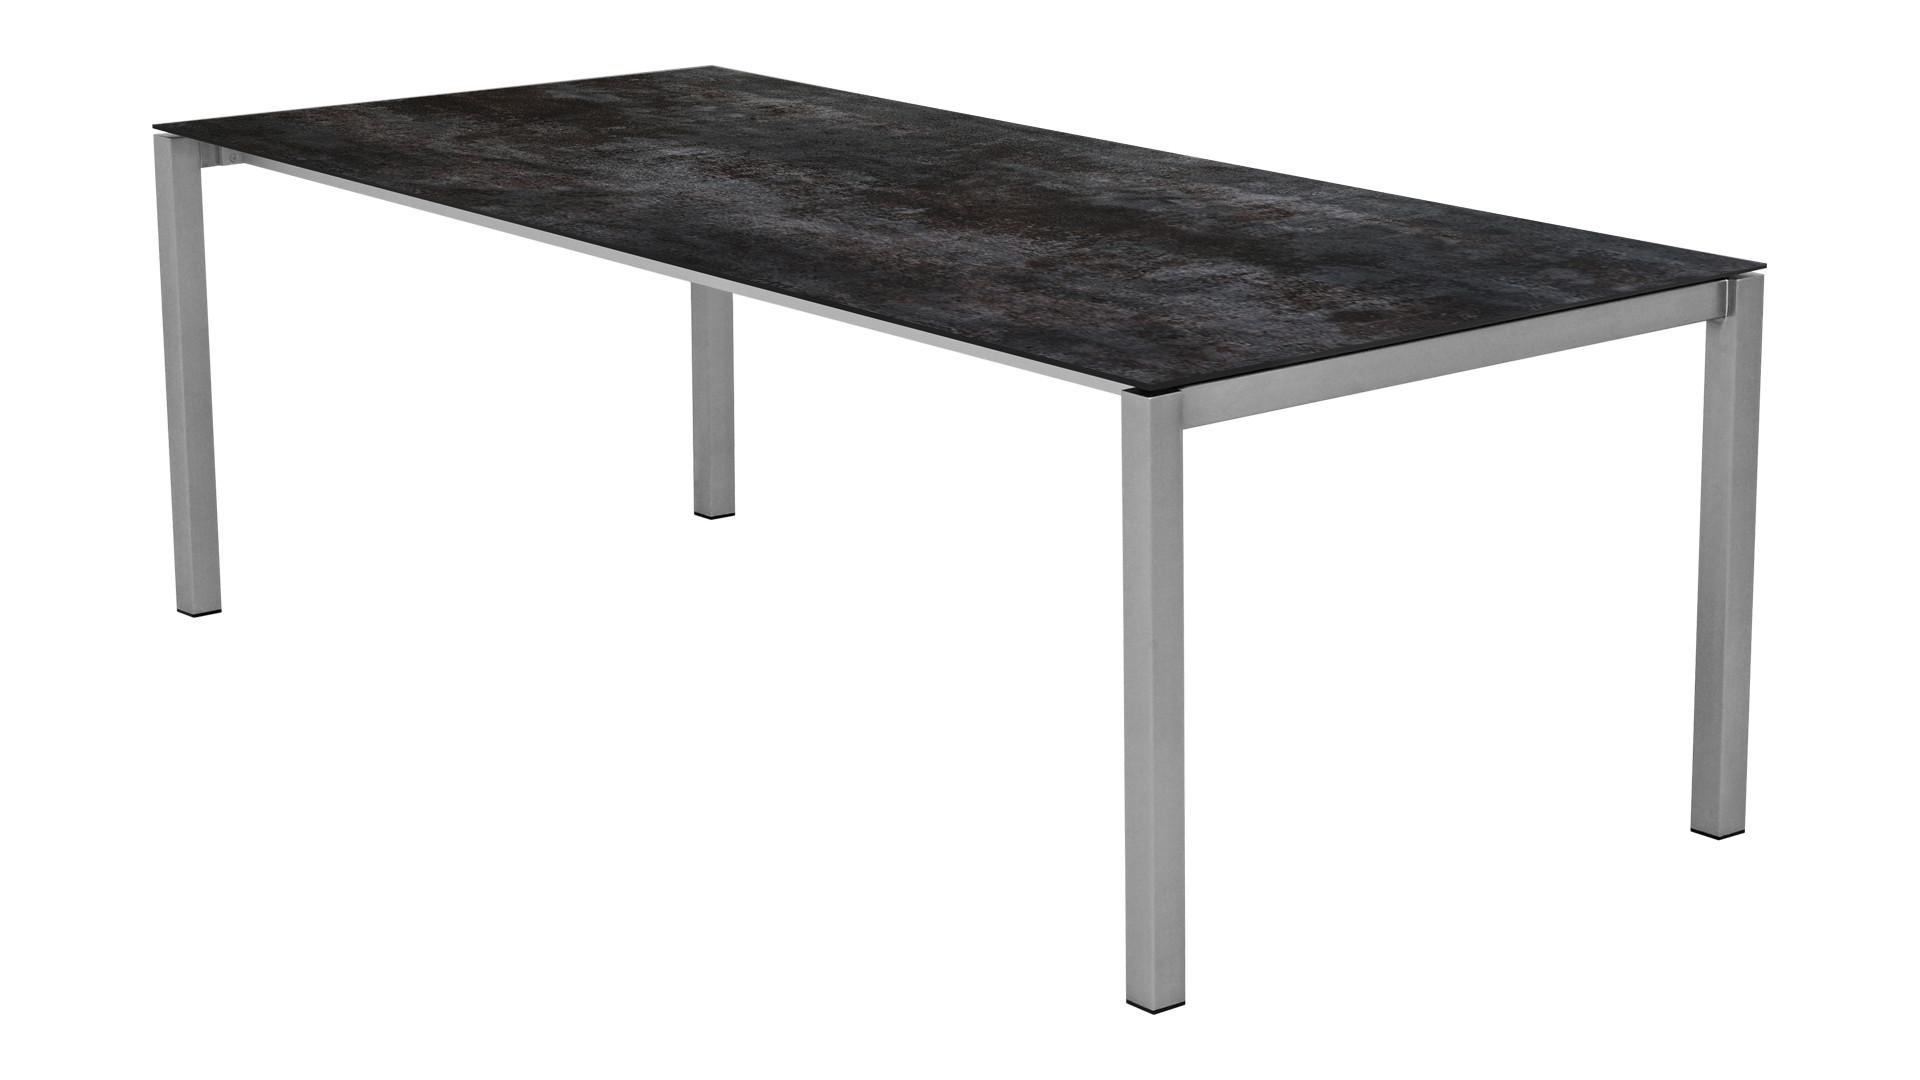 Keramik-Auszug-Tisch Garnitur MAXIM 220/280 (inkl. 8 Stk. Stühlen) 12